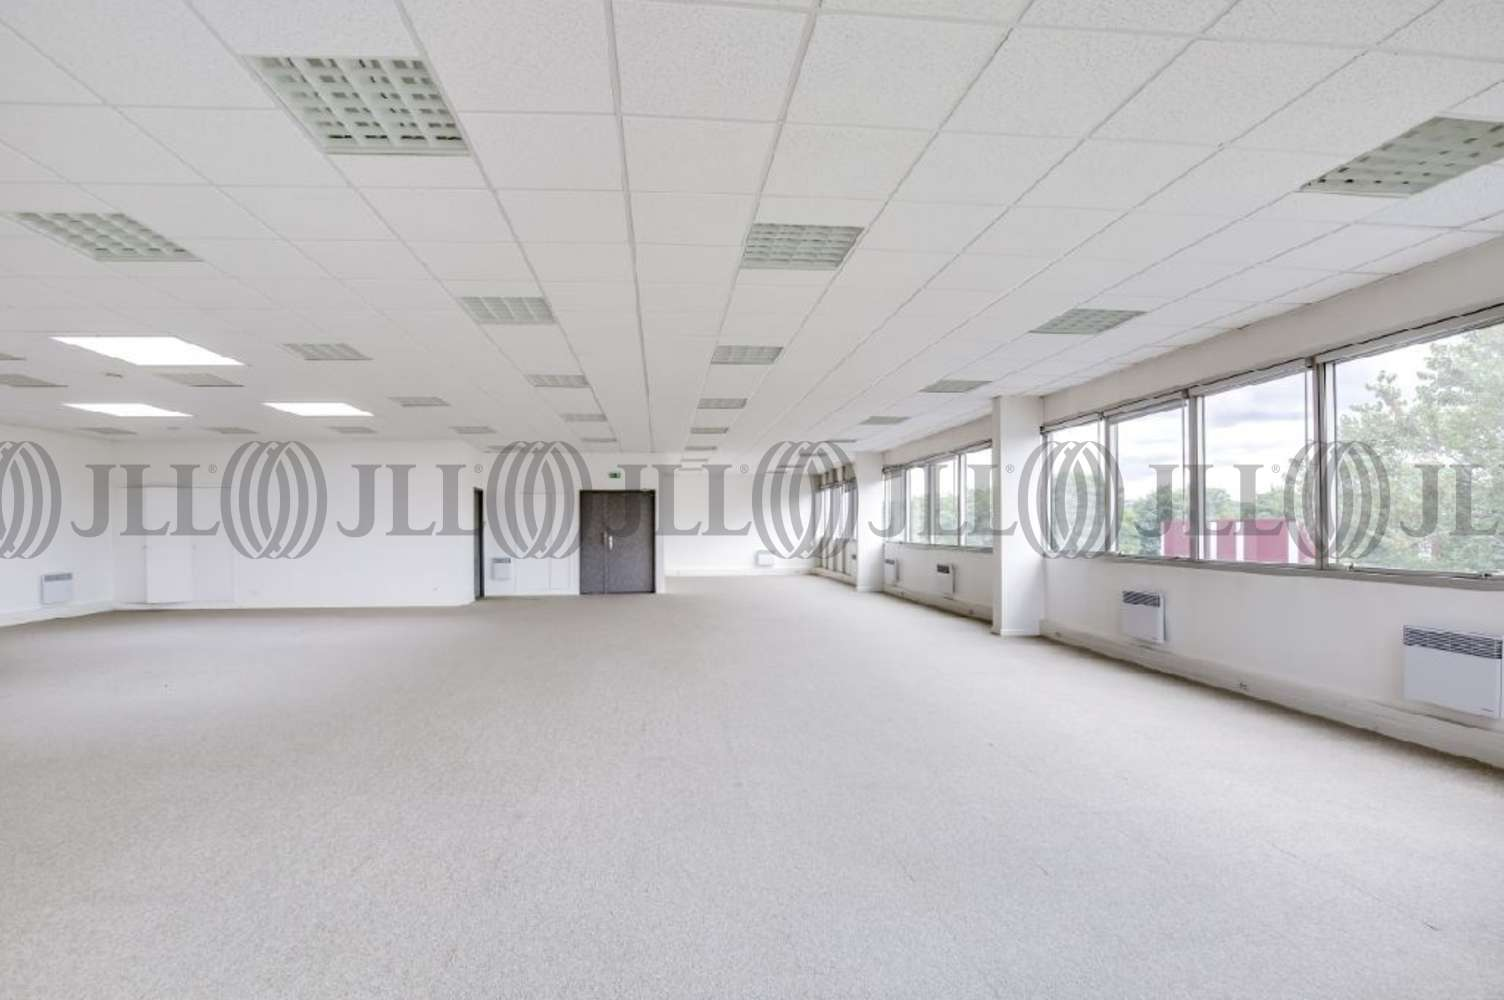 Activités/entrepôt Sartrouville, 78500 - 5-7 RUE D'ESTIENNE D'ORVES - 9445180